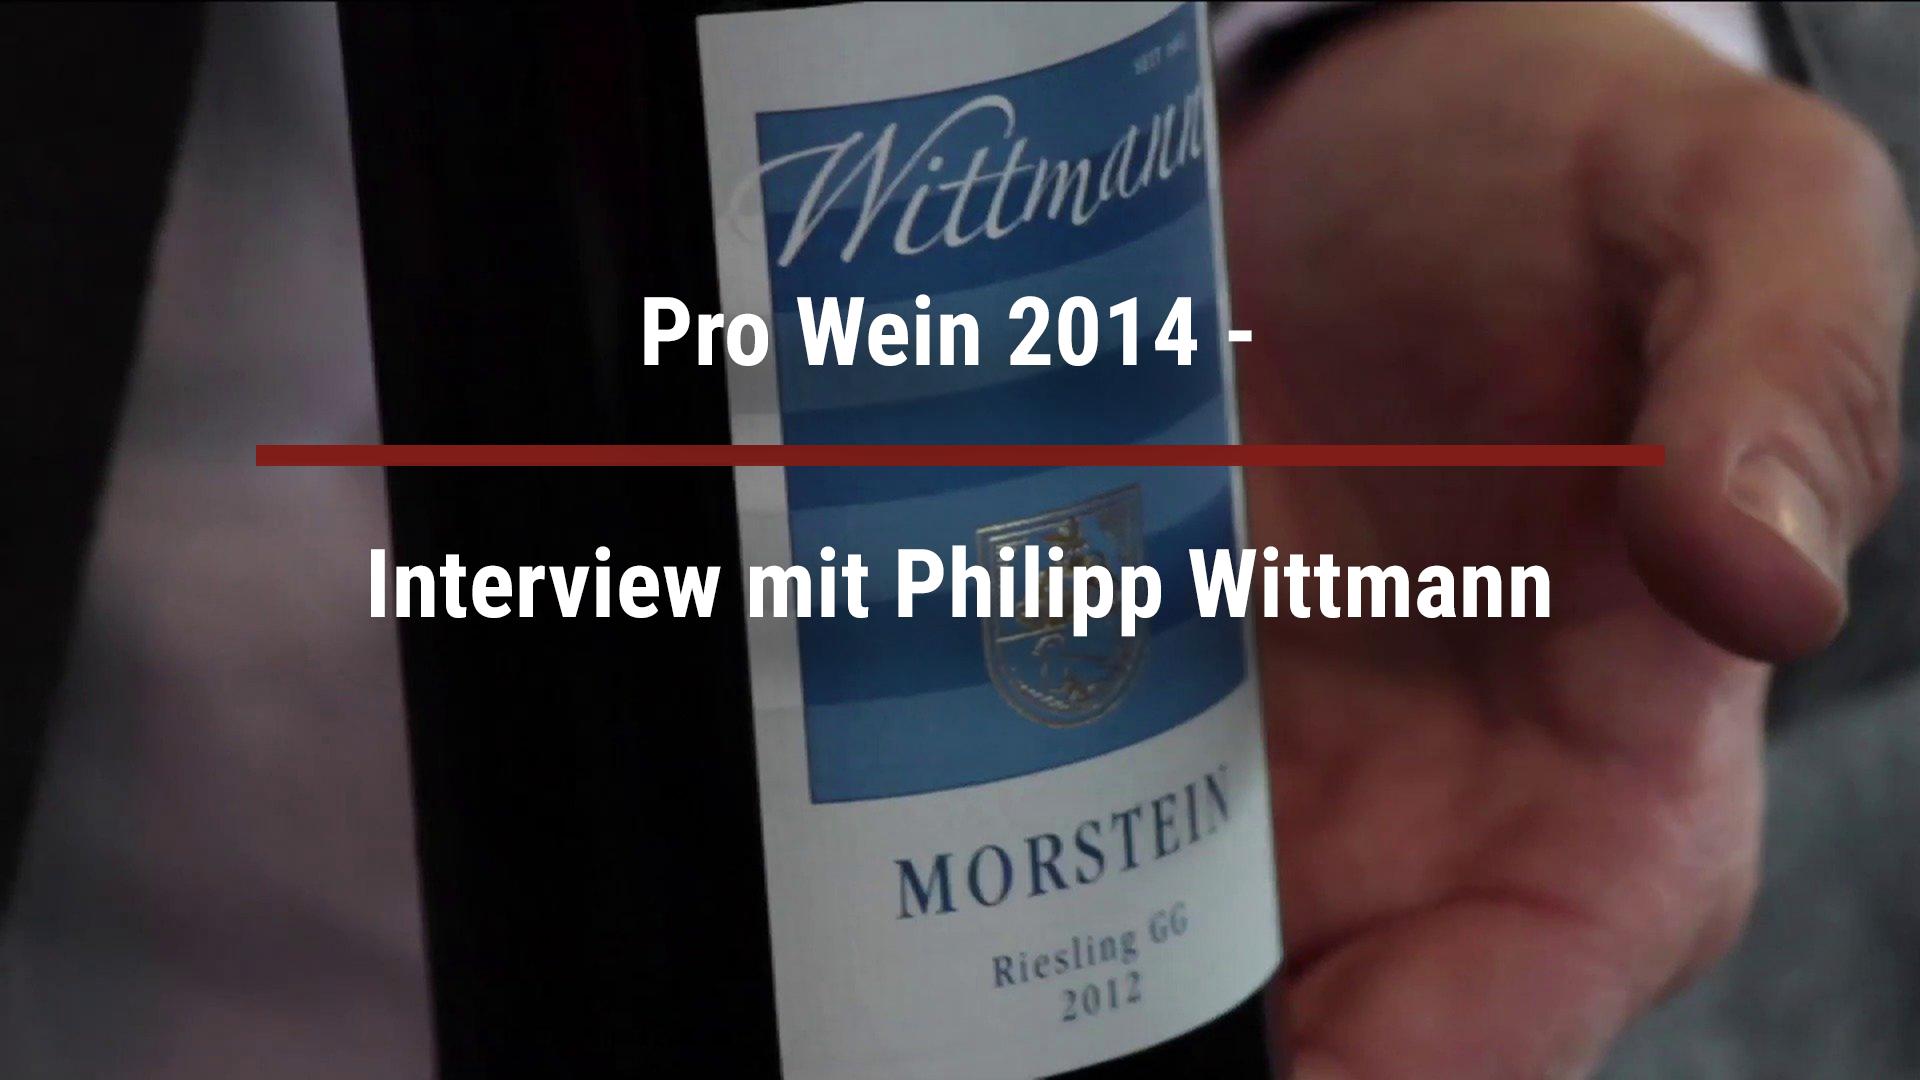 Pro Wein 2014 – Interview with Philipp Wittmann